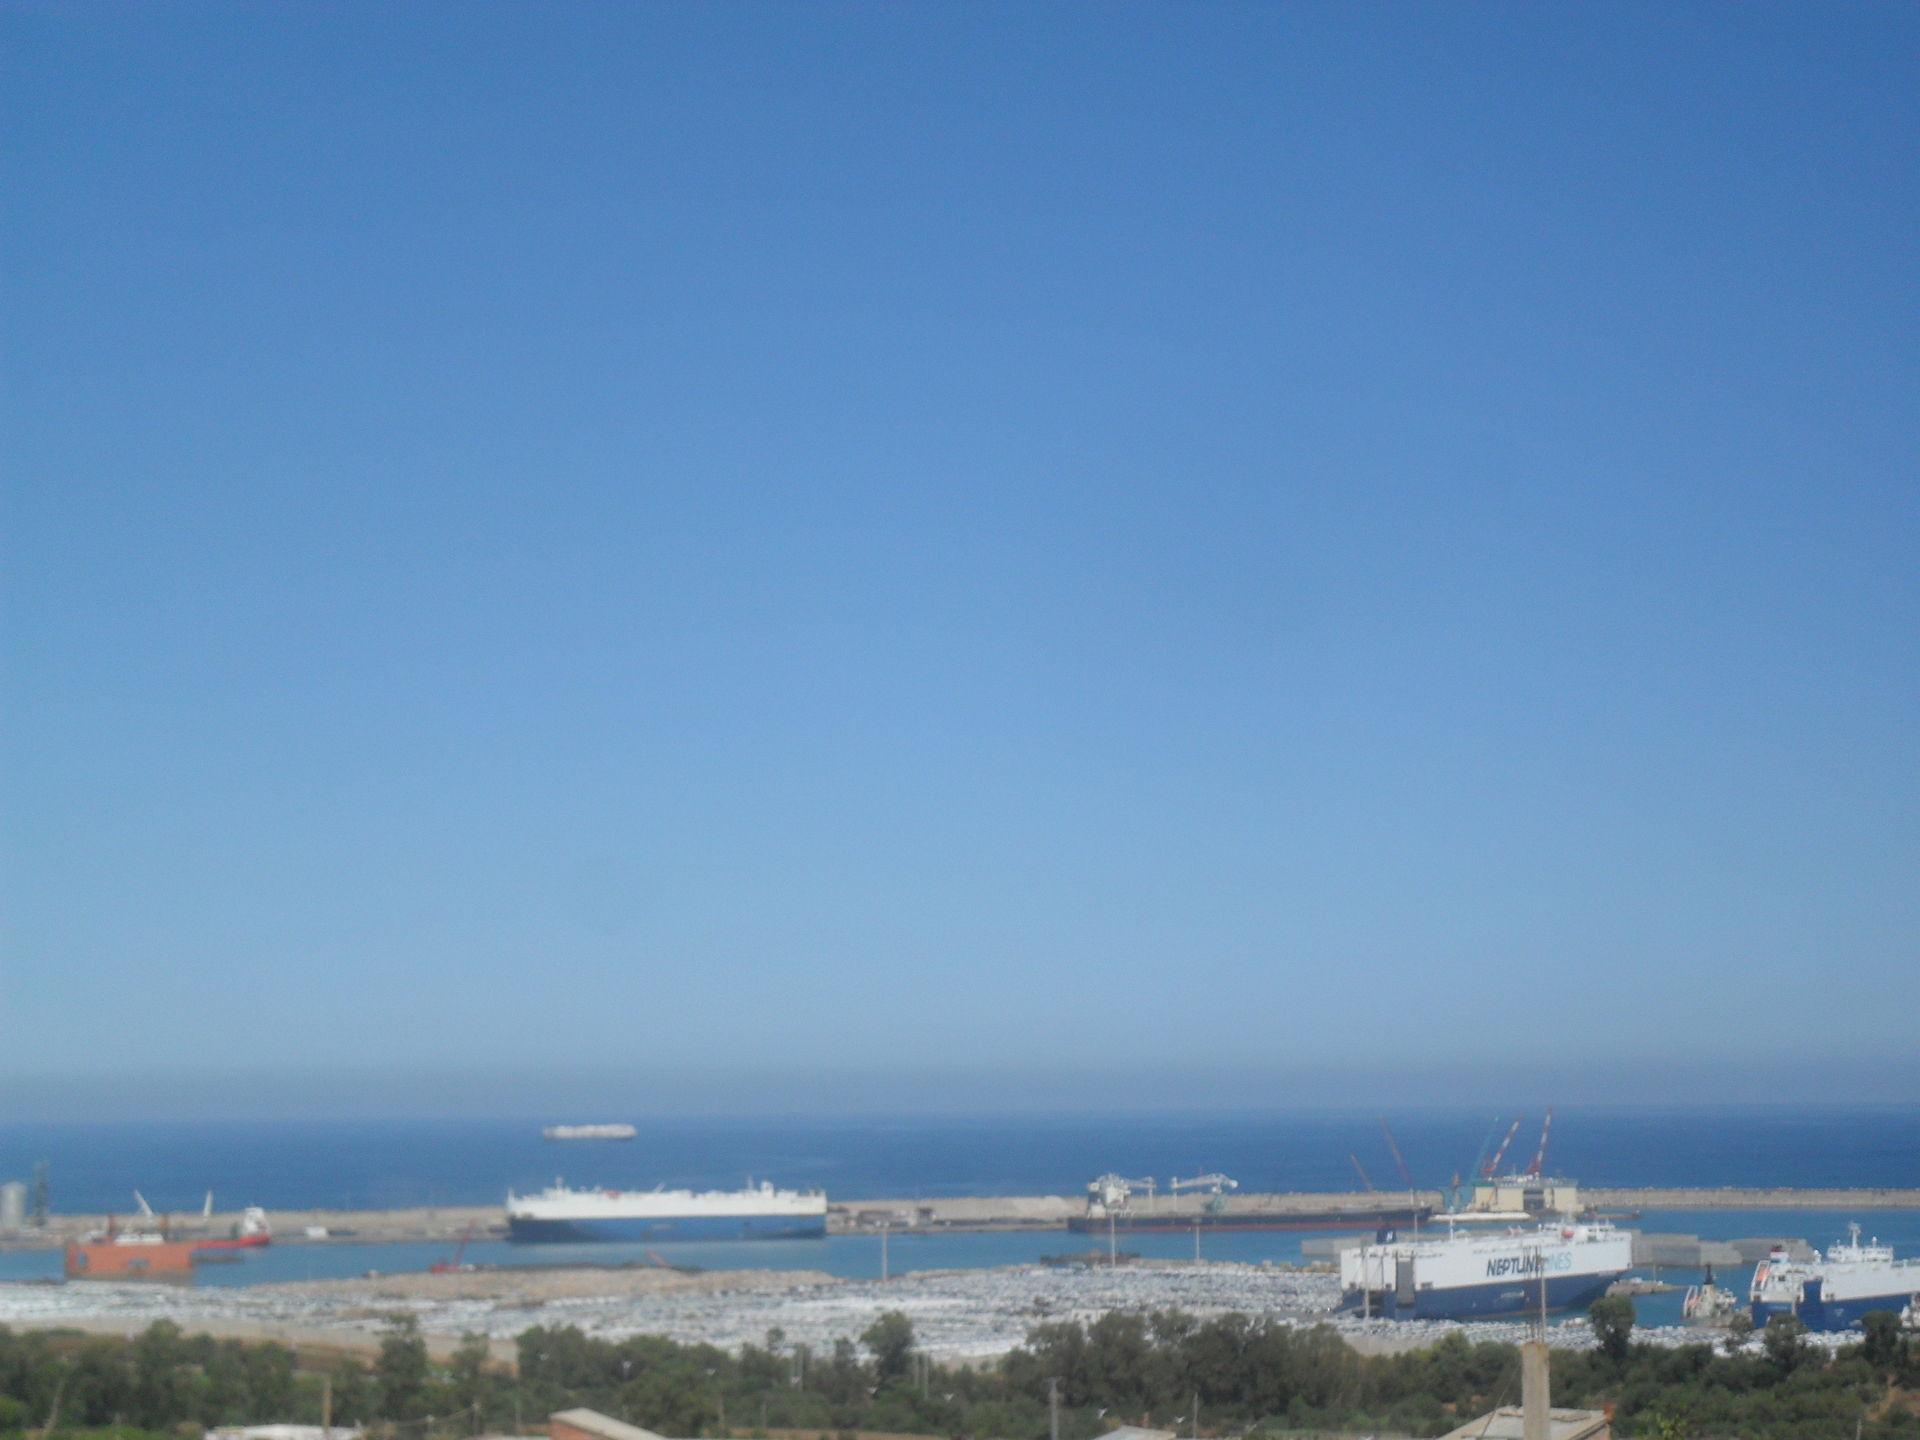 ع  دار ميناء جن جن - ويكيبيديا، الموسوعة الحرة